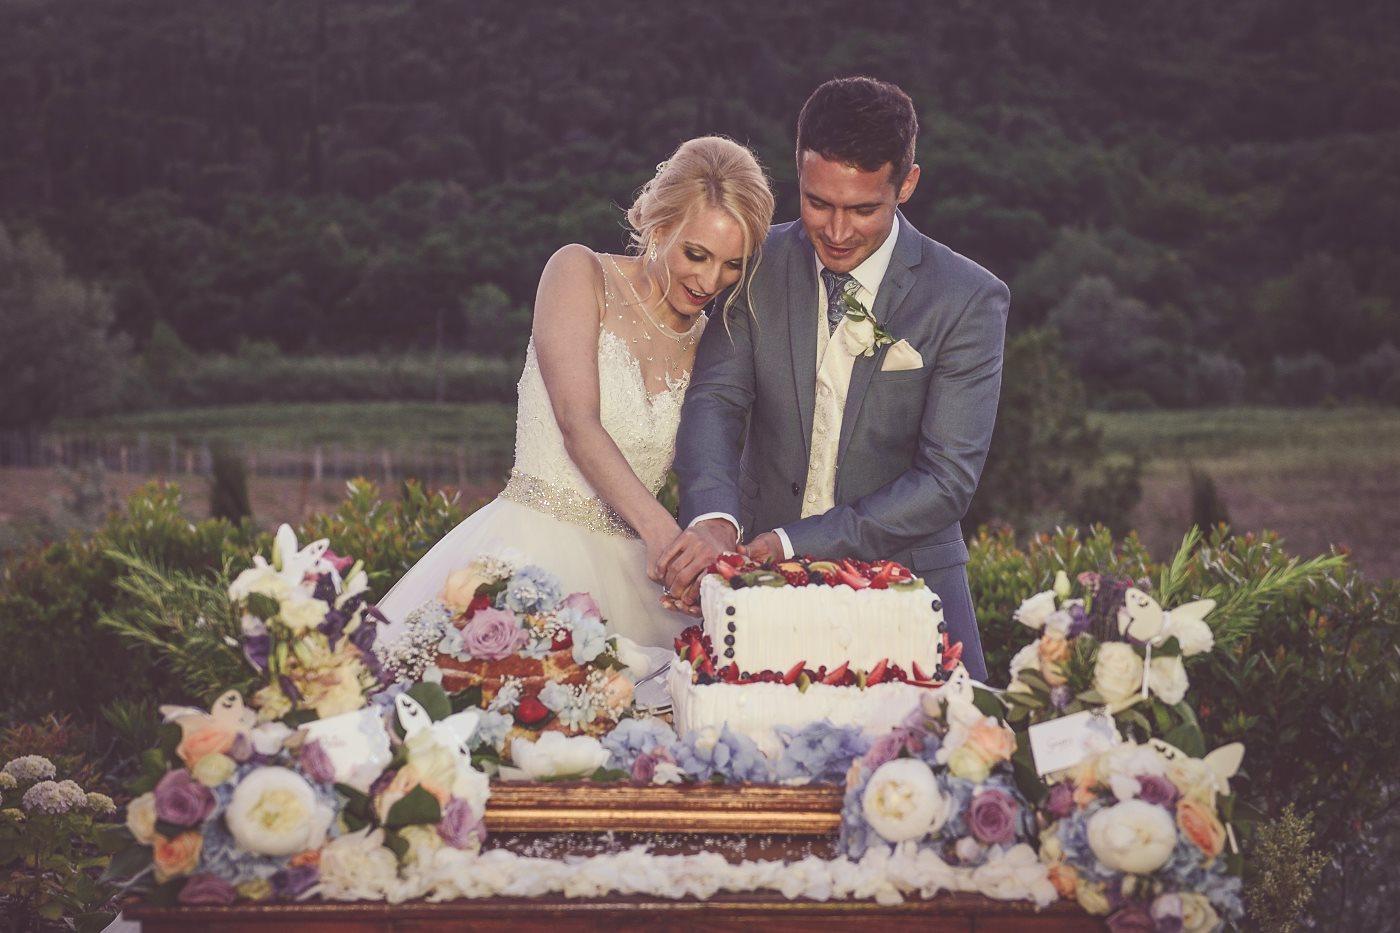 Organizar la boda: Tareas del novio y la novia 2